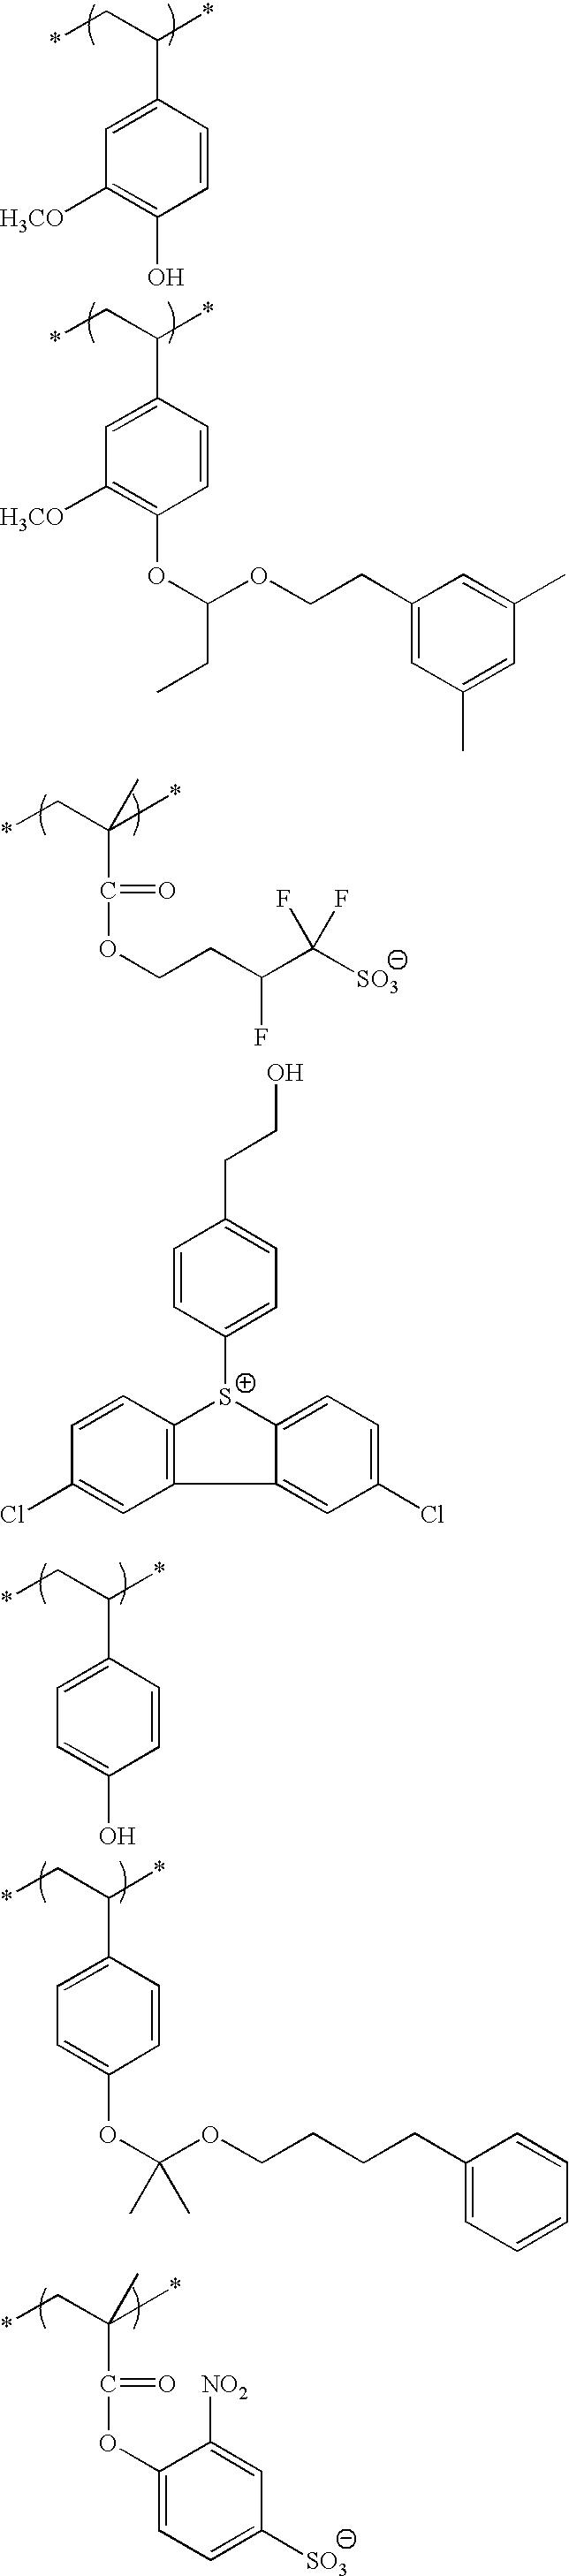 Figure US08852845-20141007-C00159